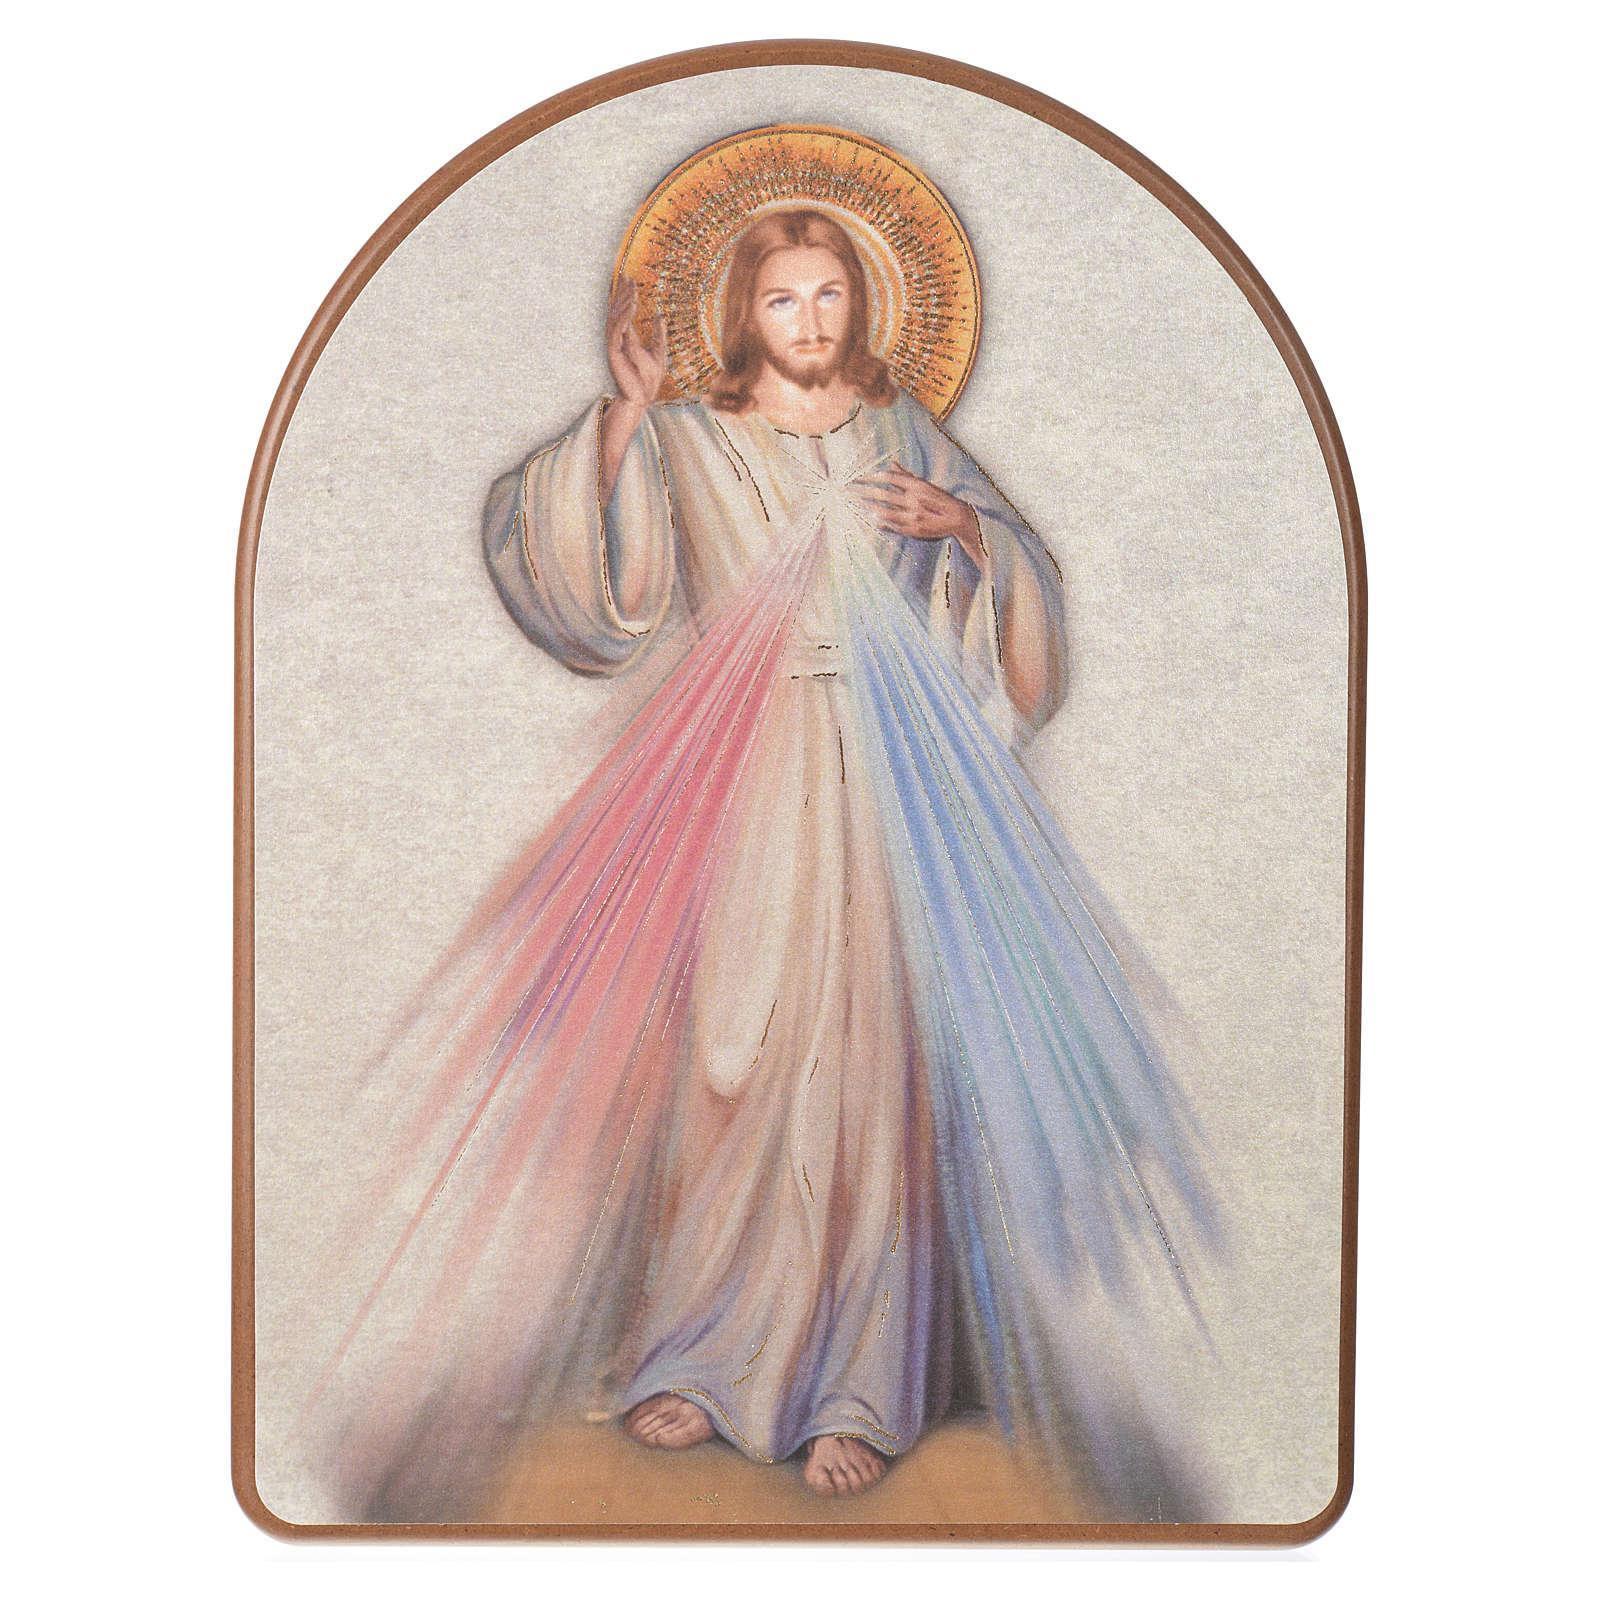 Stampa su legno 15x20cm Gesù Misericordioso 3